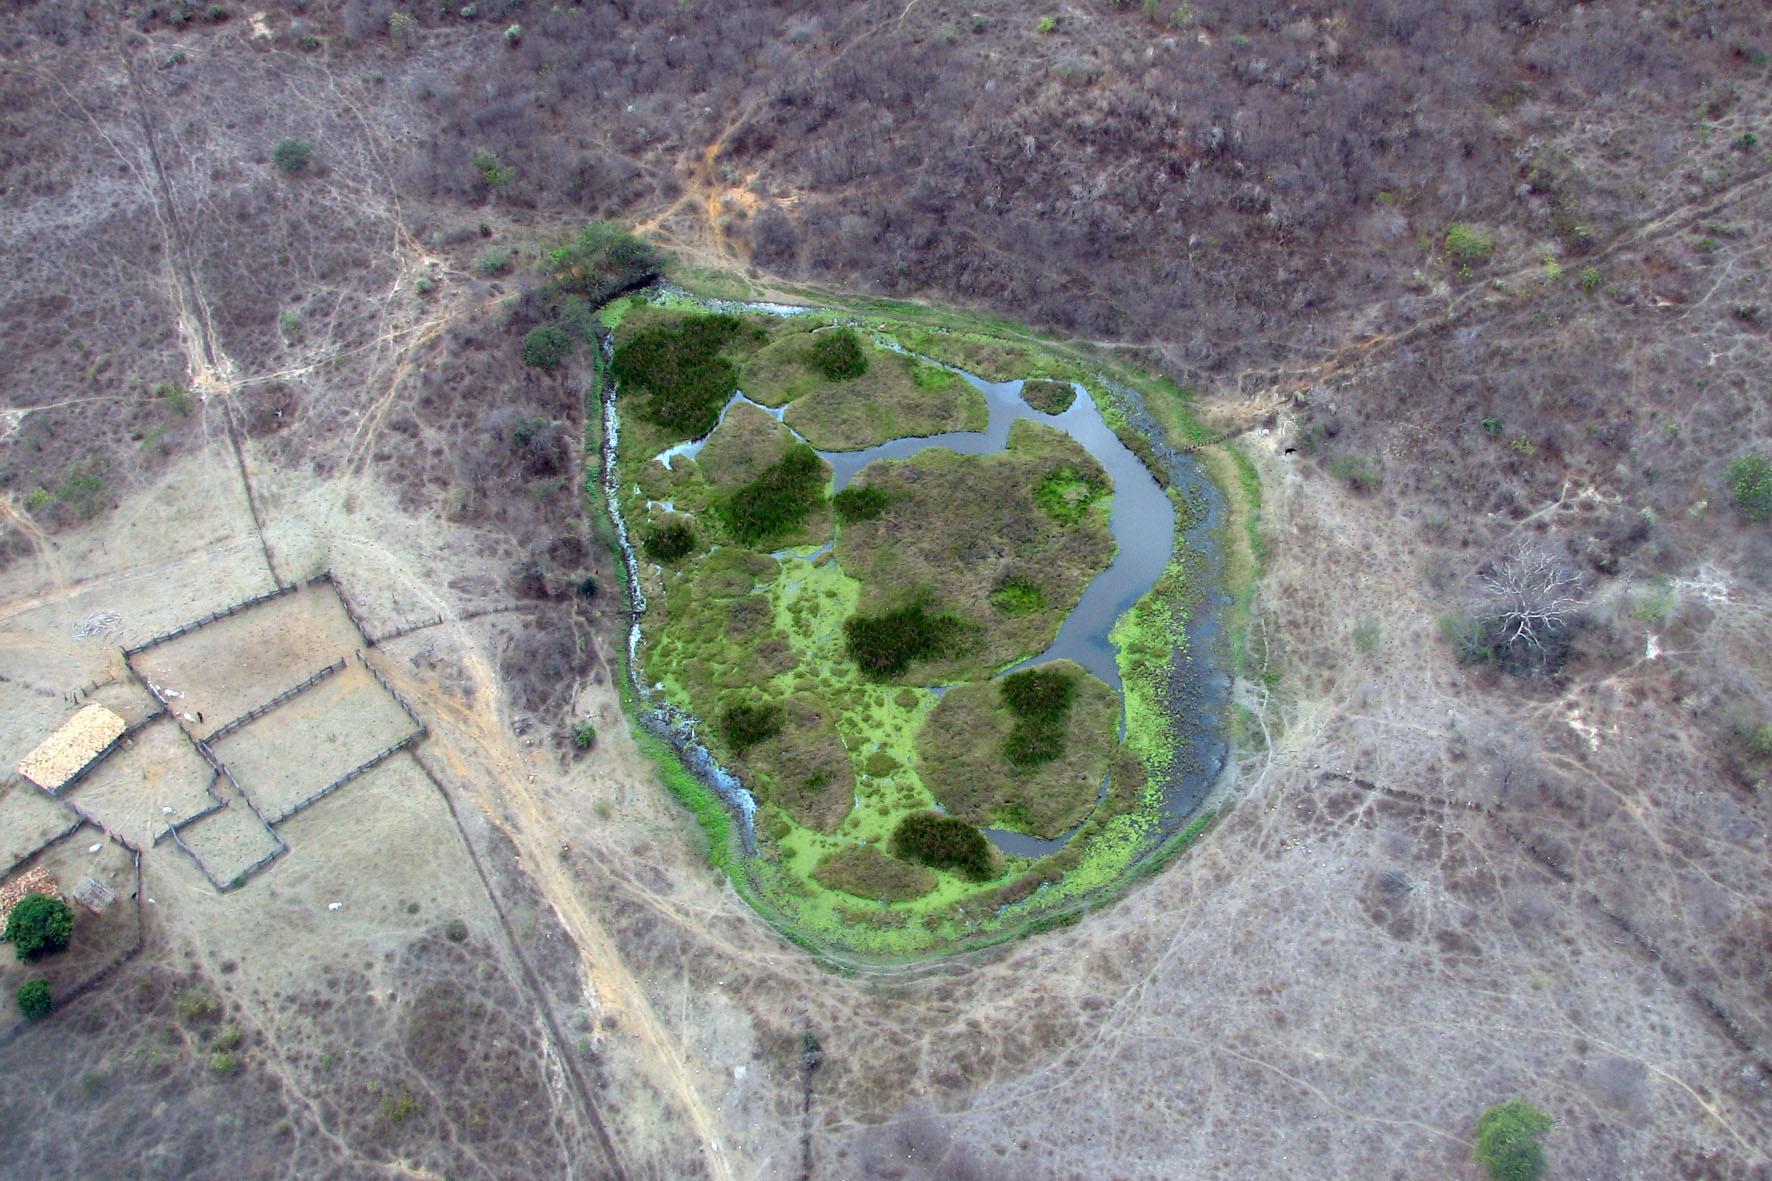 Caminho das Águas em Arassuaí